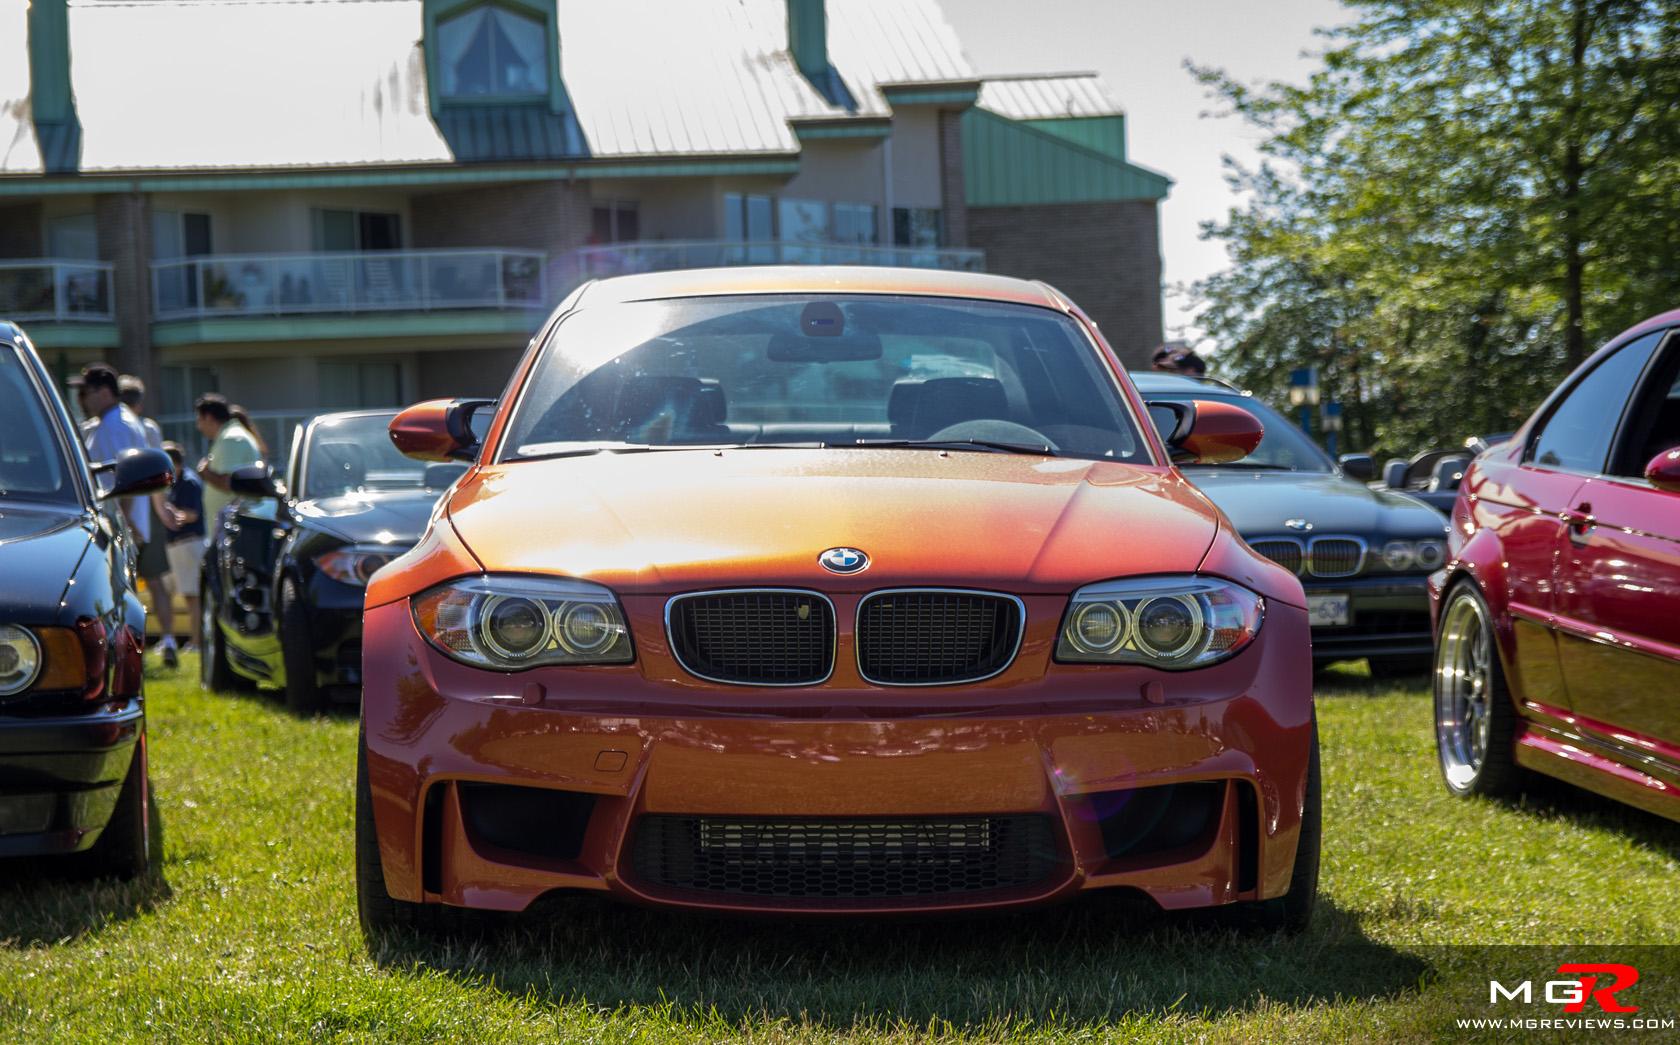 Cash For Cars Vancouver >> Photos: 2016 German Car Festival - M.G.Reviews